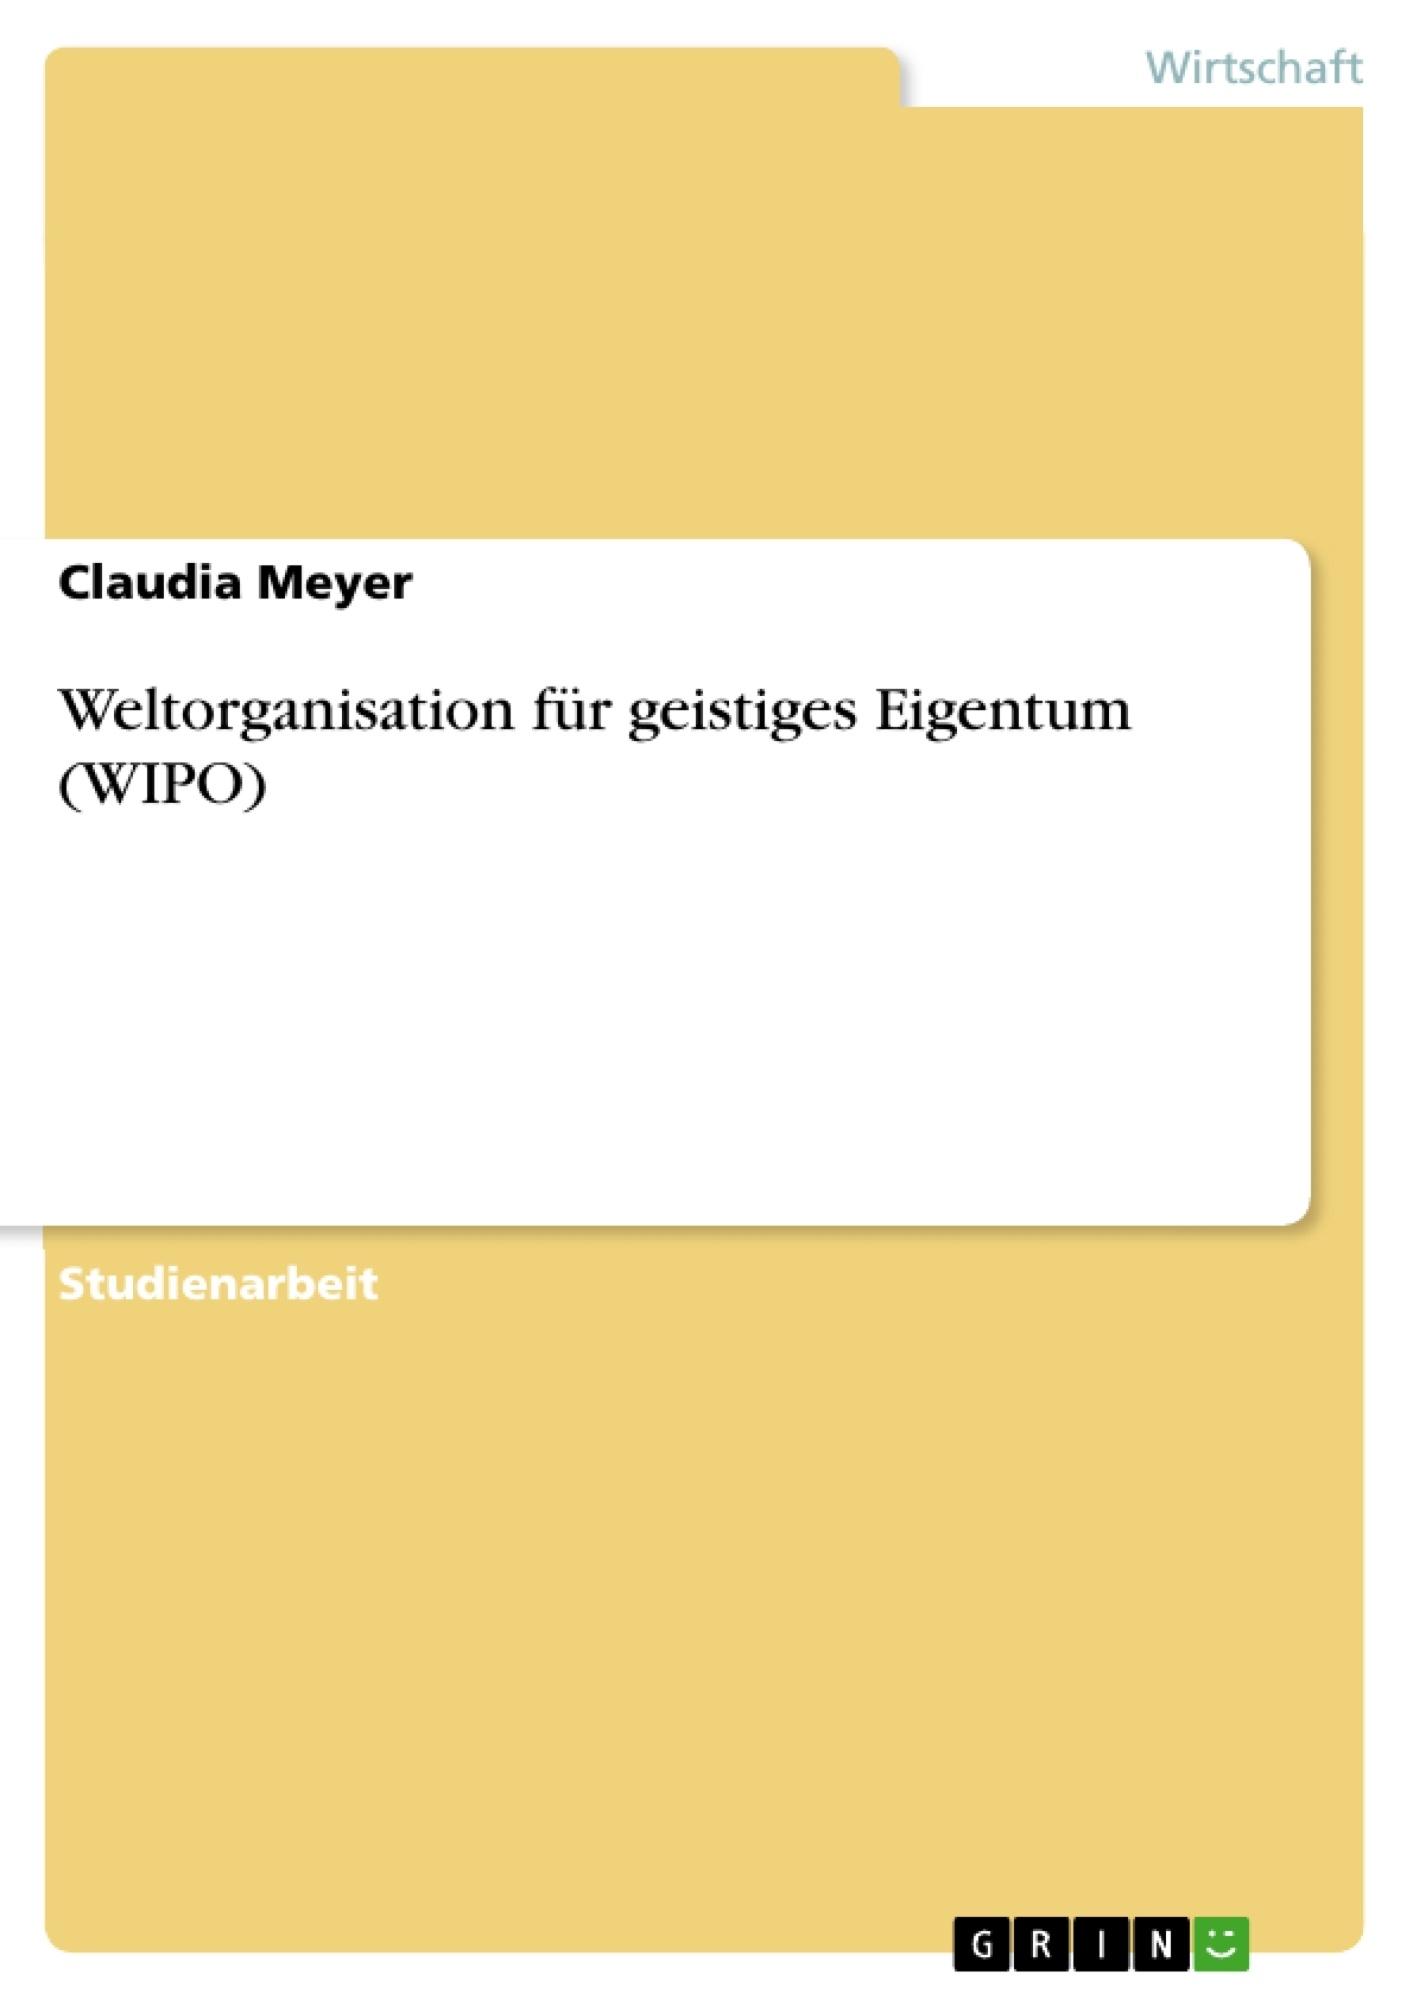 Titel: Weltorganisation für geistiges Eigentum (WIPO)